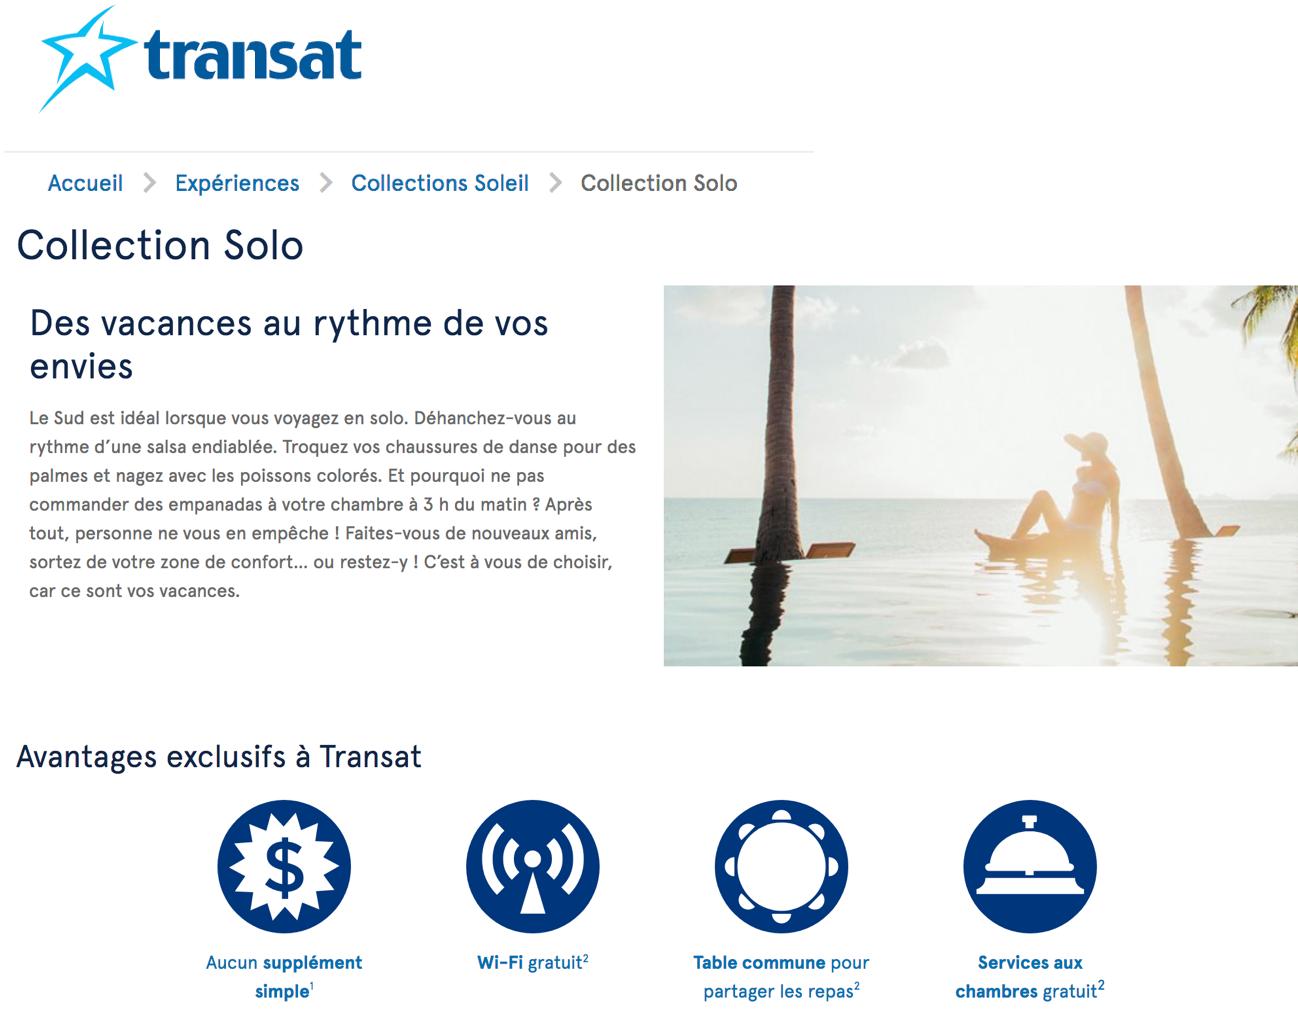 comment-seduire-voyageurs-solos-transat-collection